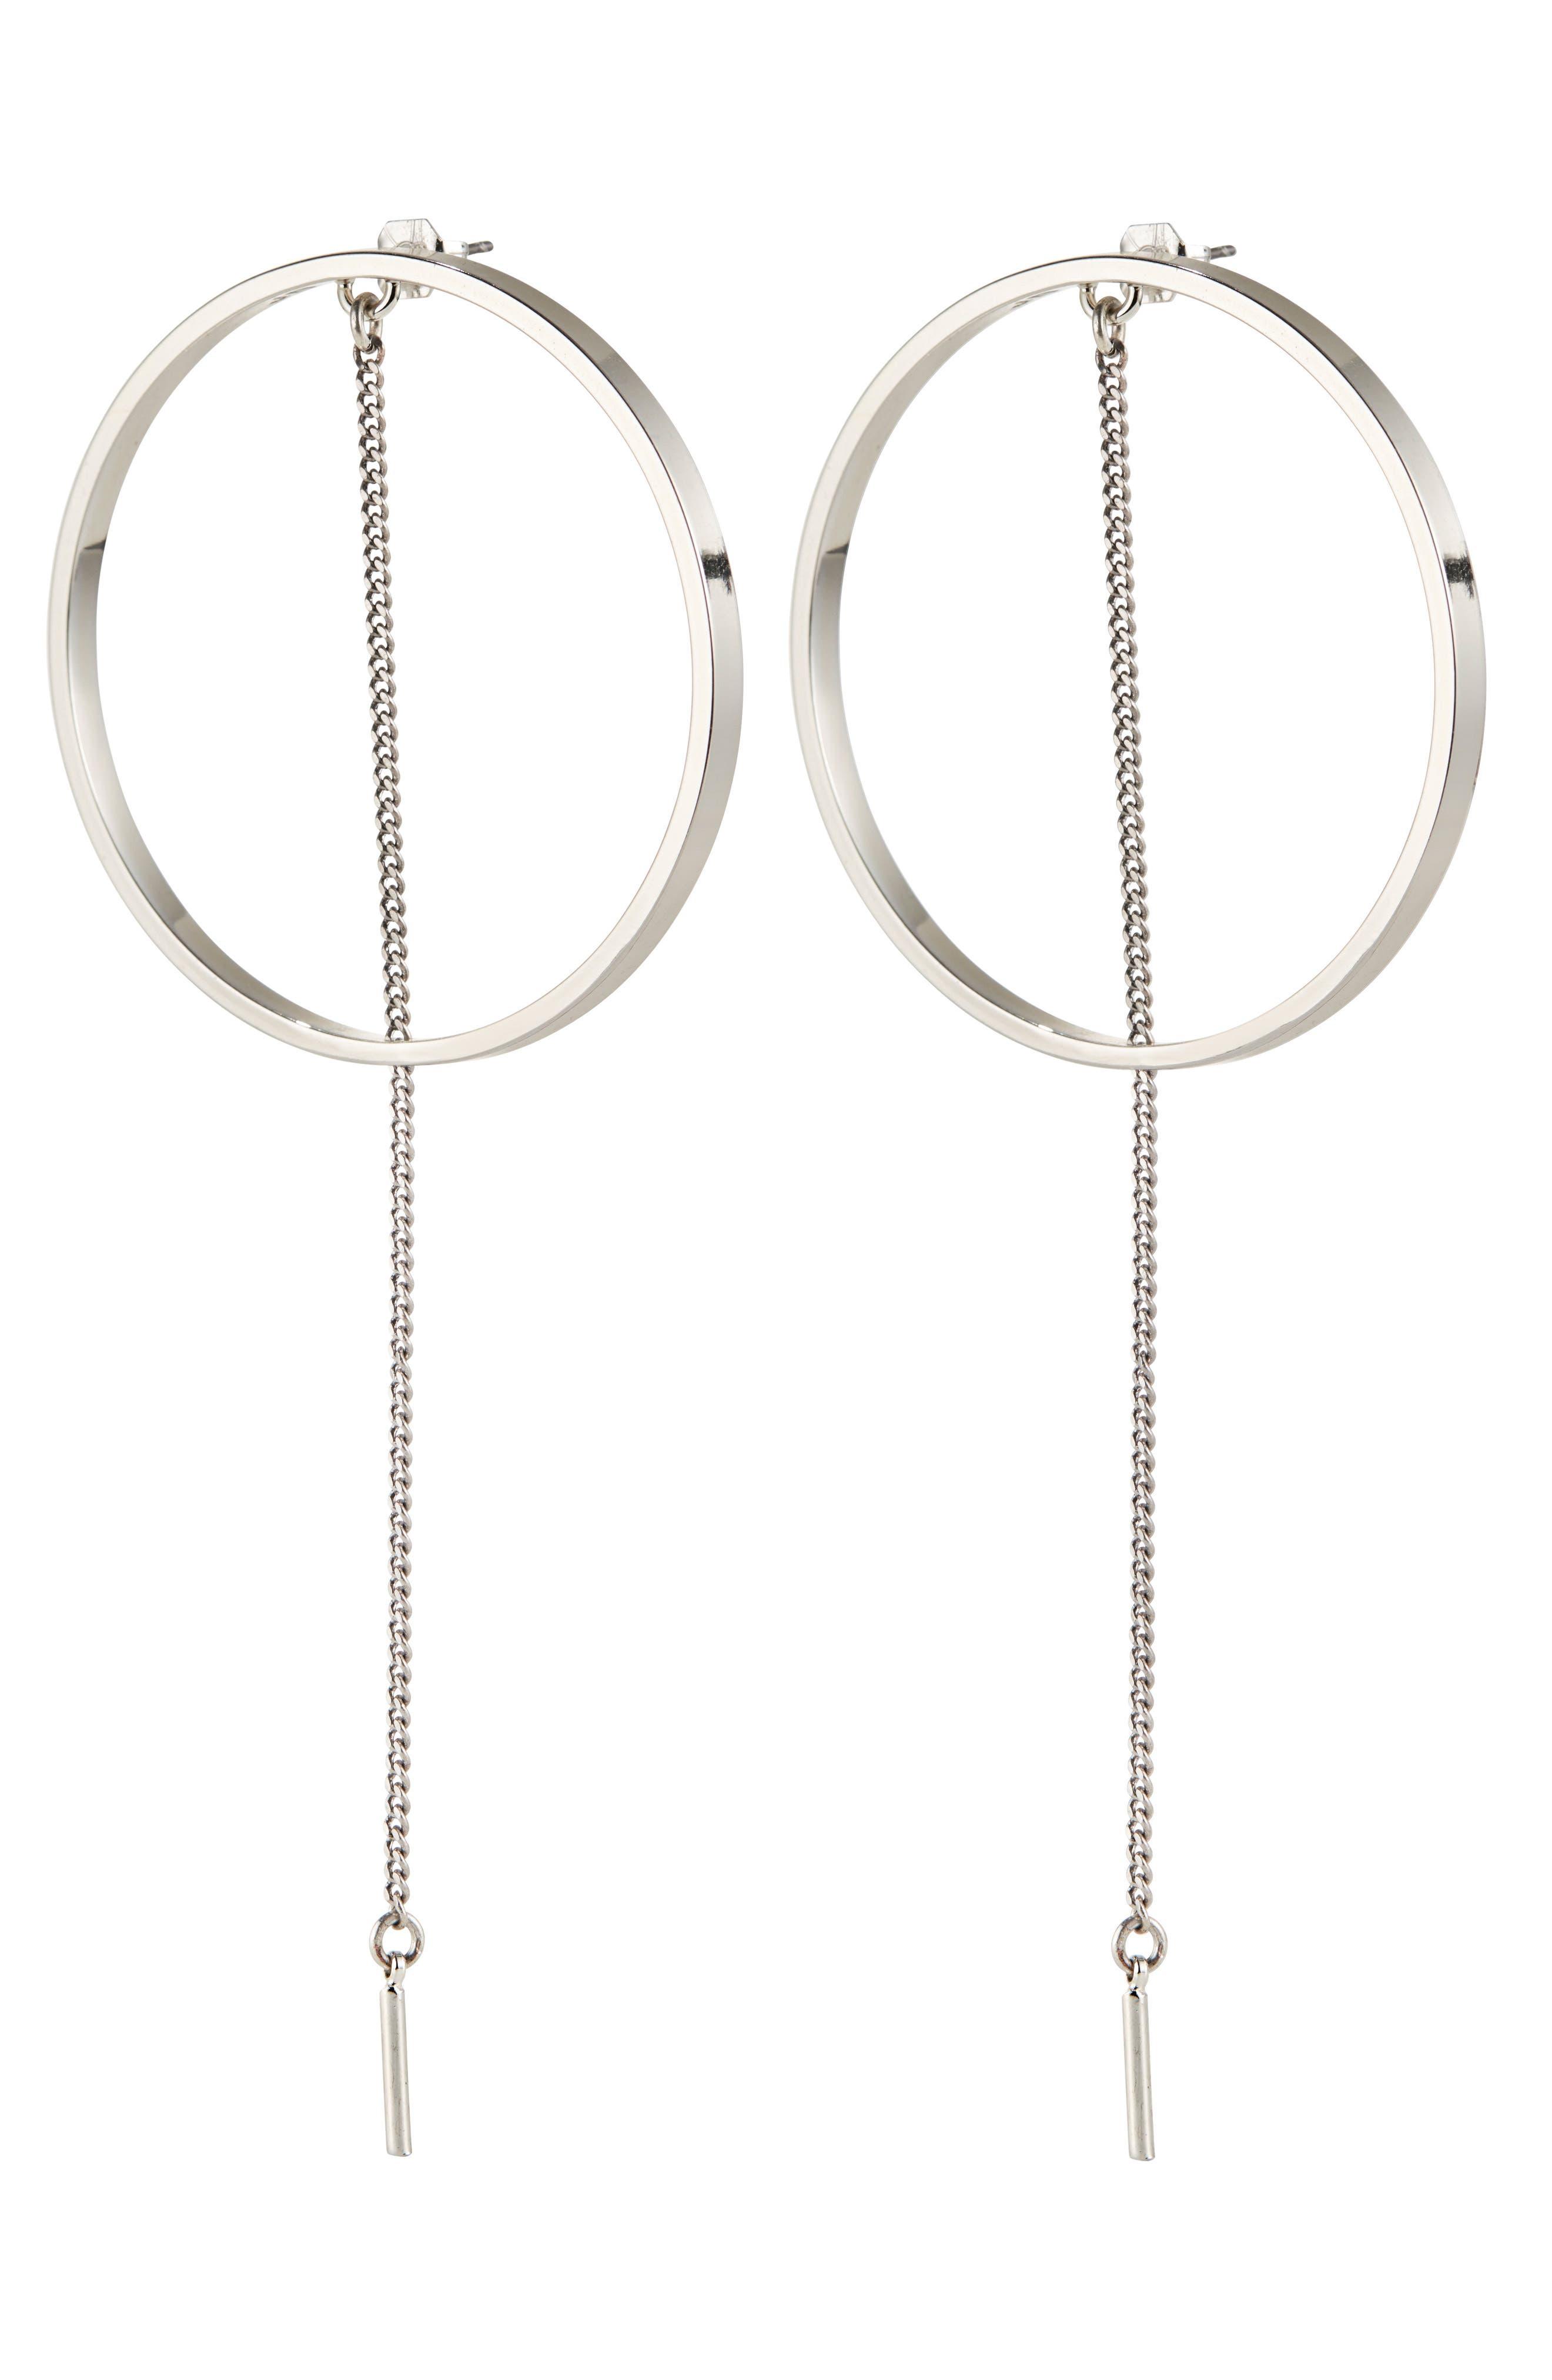 Main Image - Jenny Bird Rhine Frontal Hoop Earrings